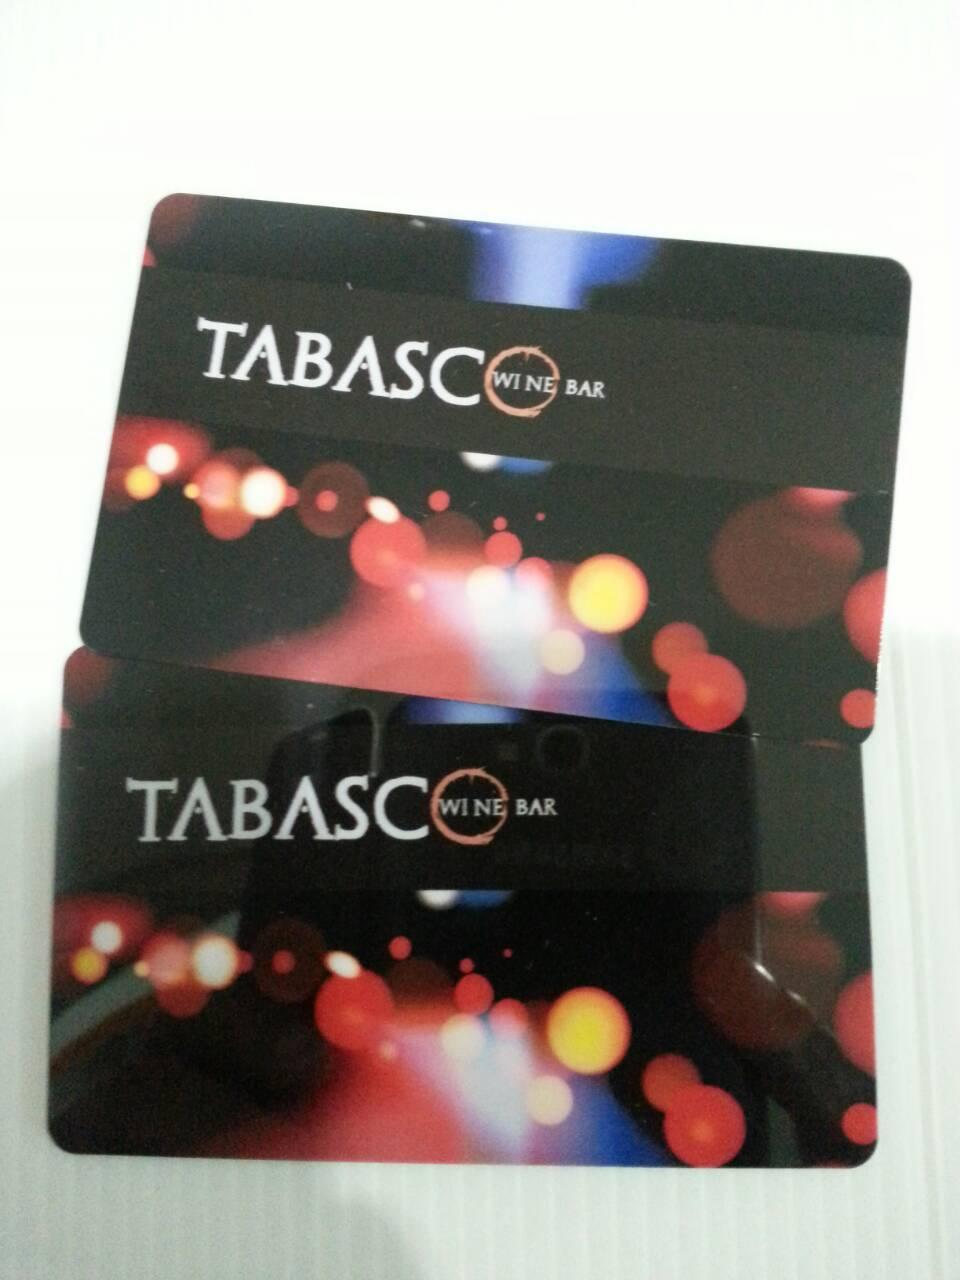 บัตรพลาสติกพีวีซี บัตรสมาชิก บัตรส่วนลด บัตรโปรโมชั่น 4 สี 2 หน้า